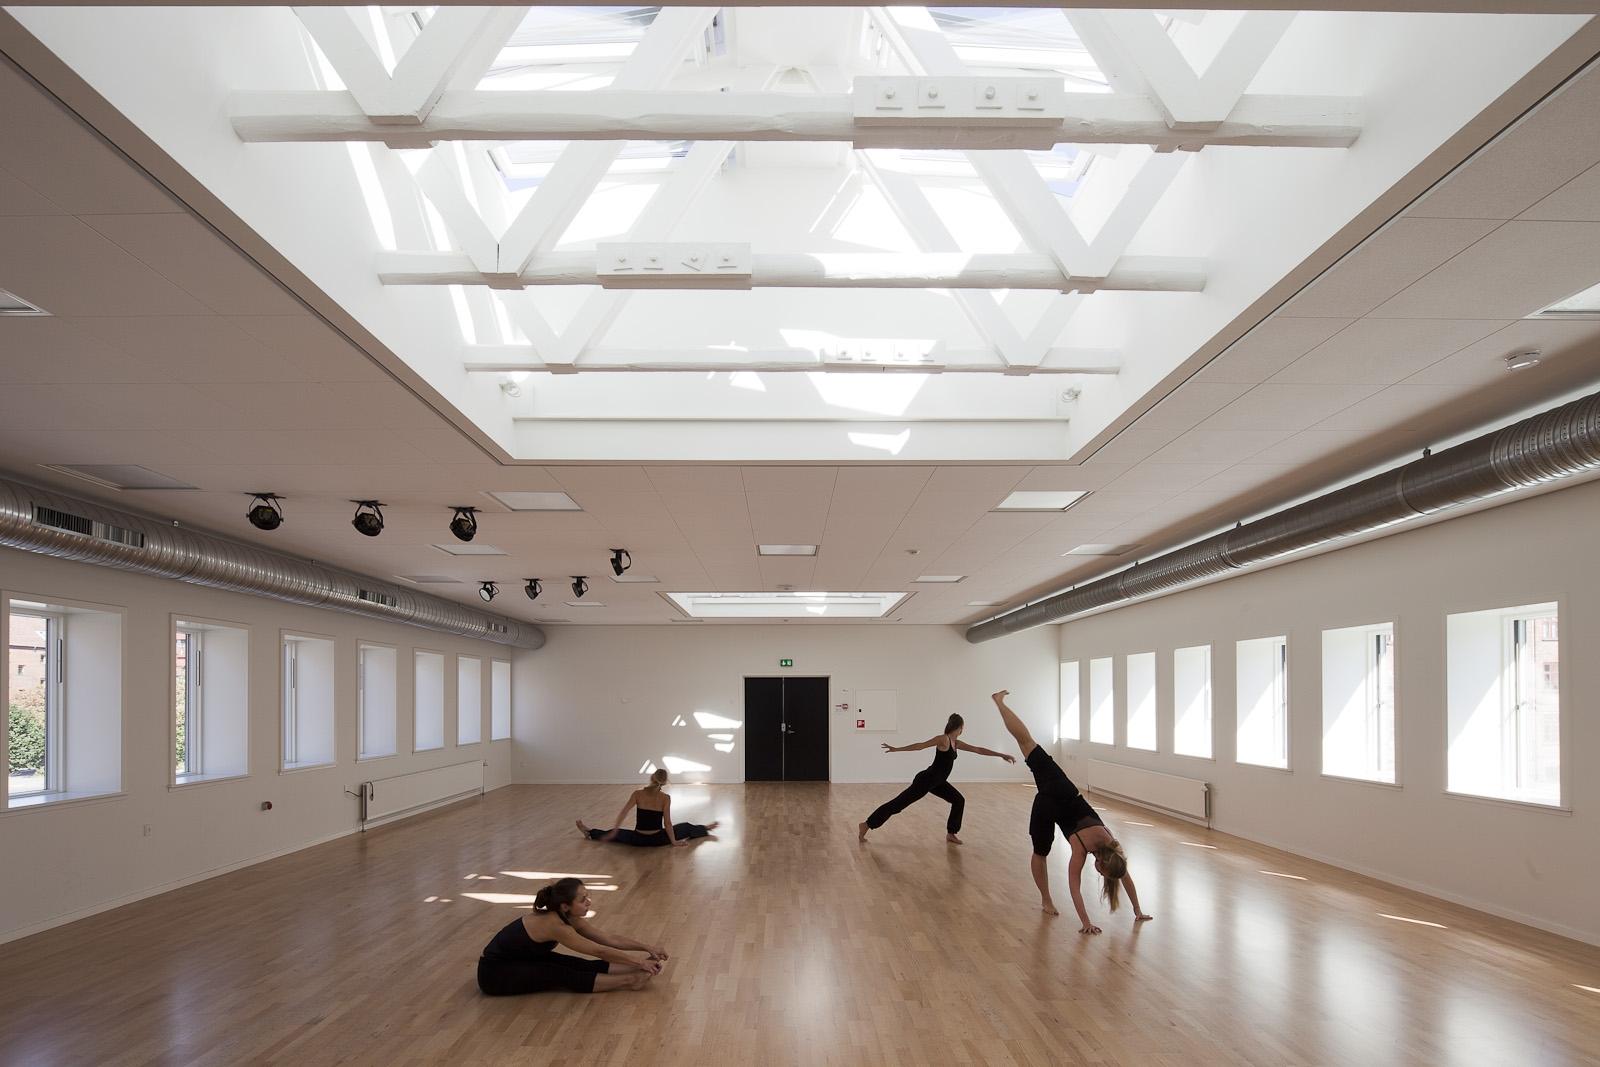 Trudnodostępne, wysoko umieszczone okna w siłowni